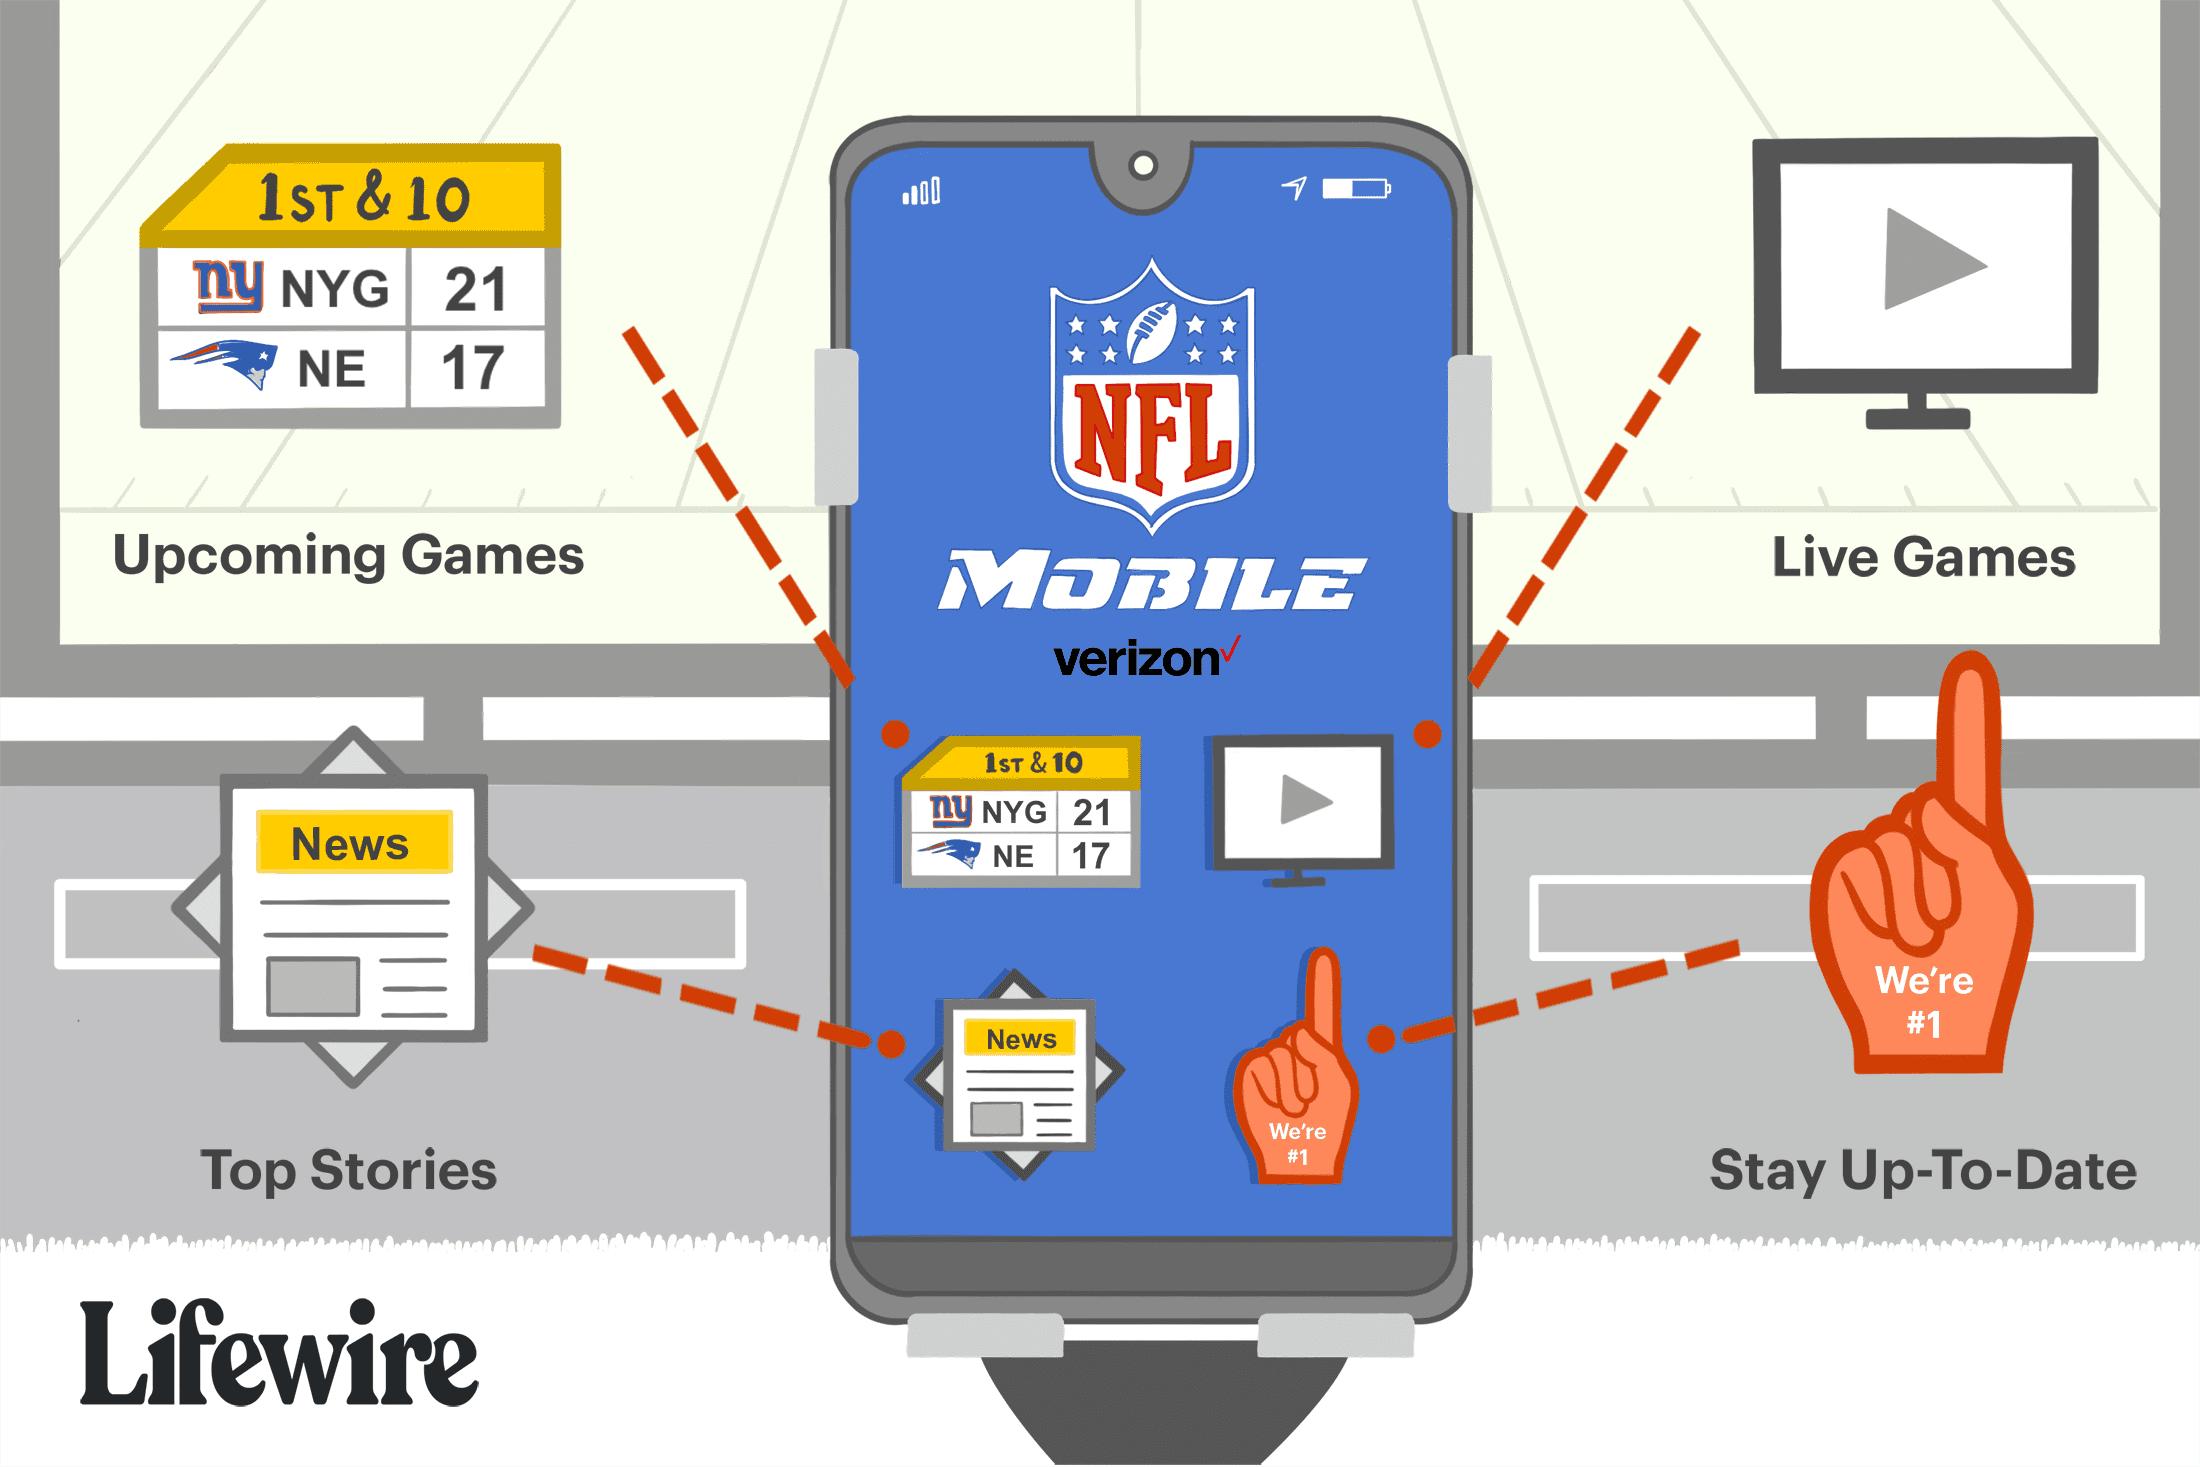 Illustration showing the NFL Mobile app